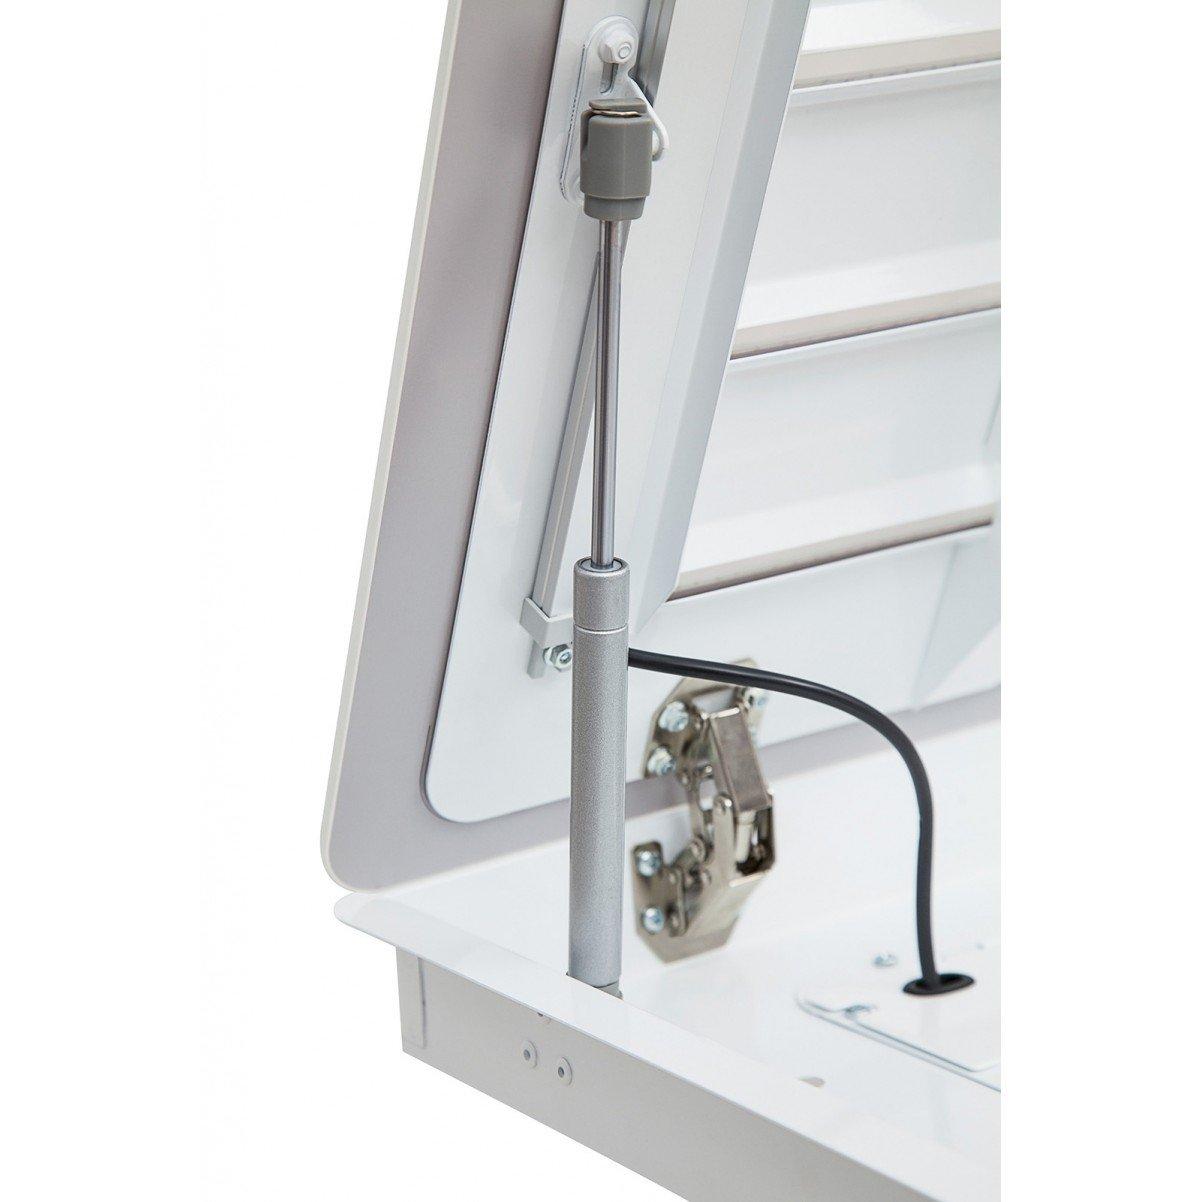 Tak-integrerad köksfläkt FUTURE vit glas 96cm / 120 cm